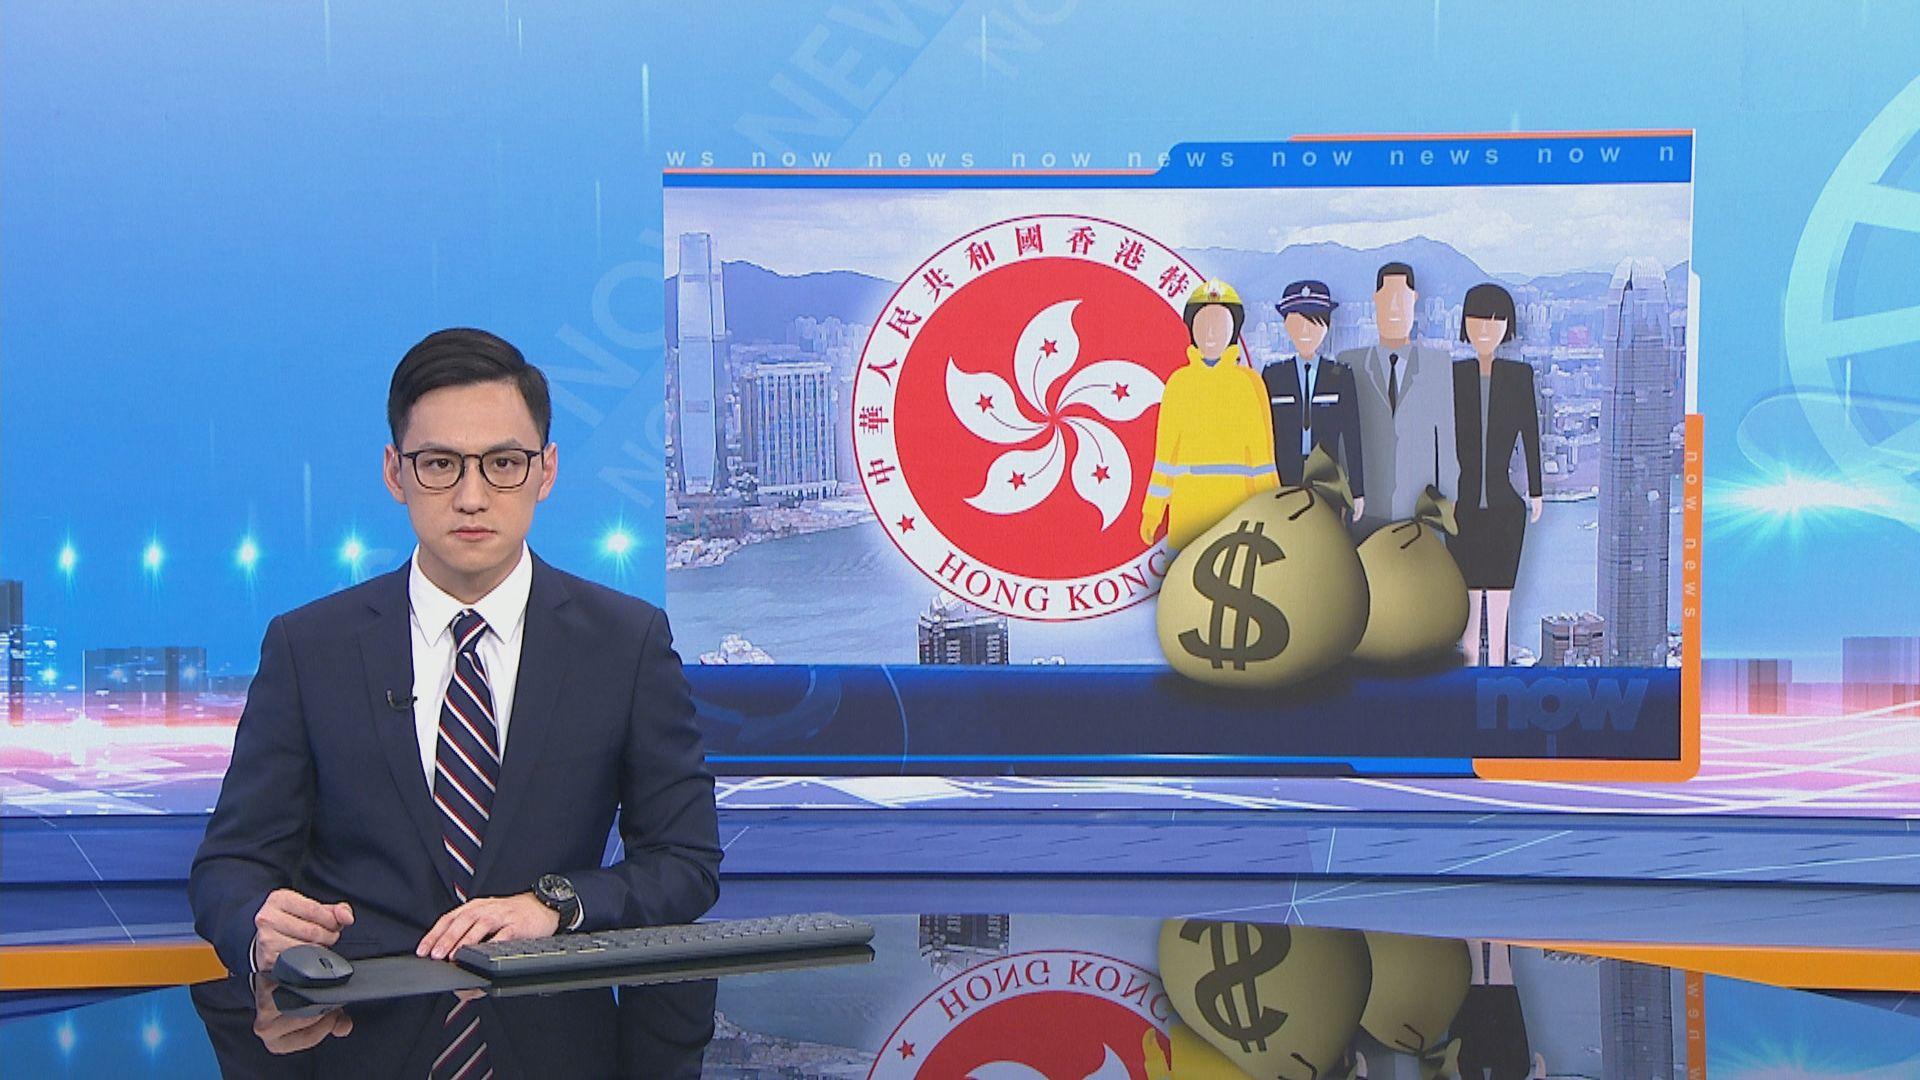 華員會:政府通過凍薪是不重視公務員意見